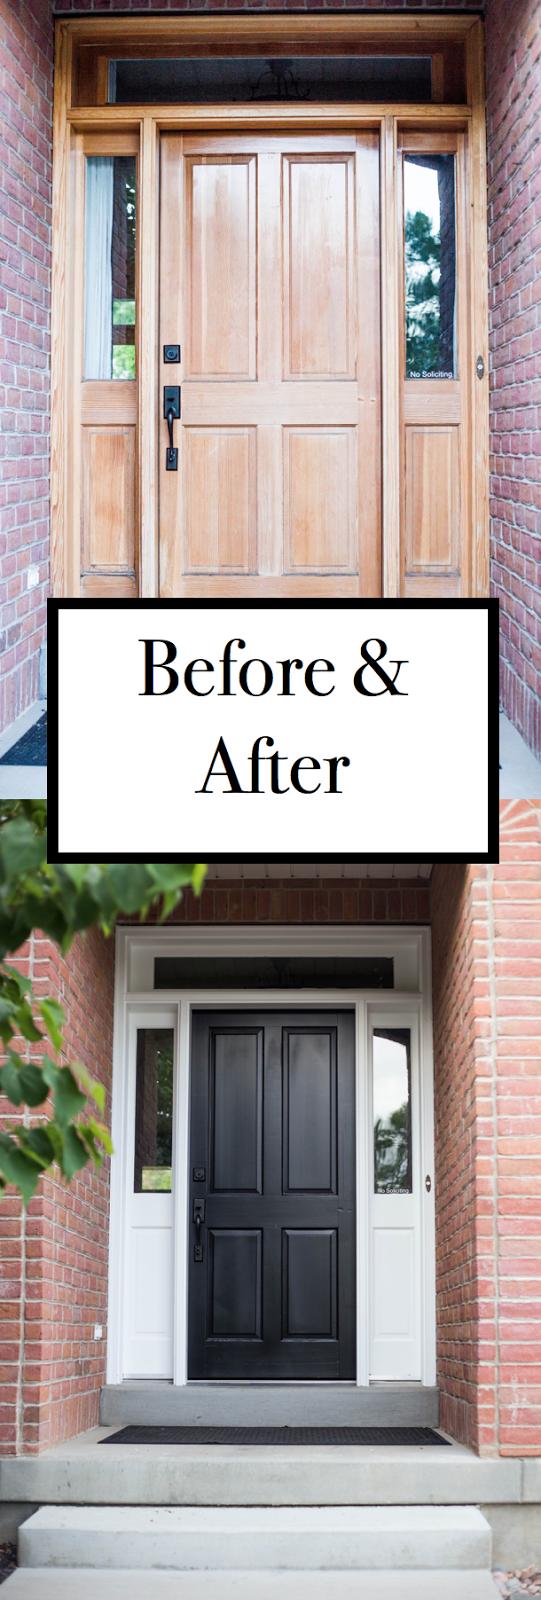 Do It Yourself Divas Diy How To Refinish Front Door Black Front